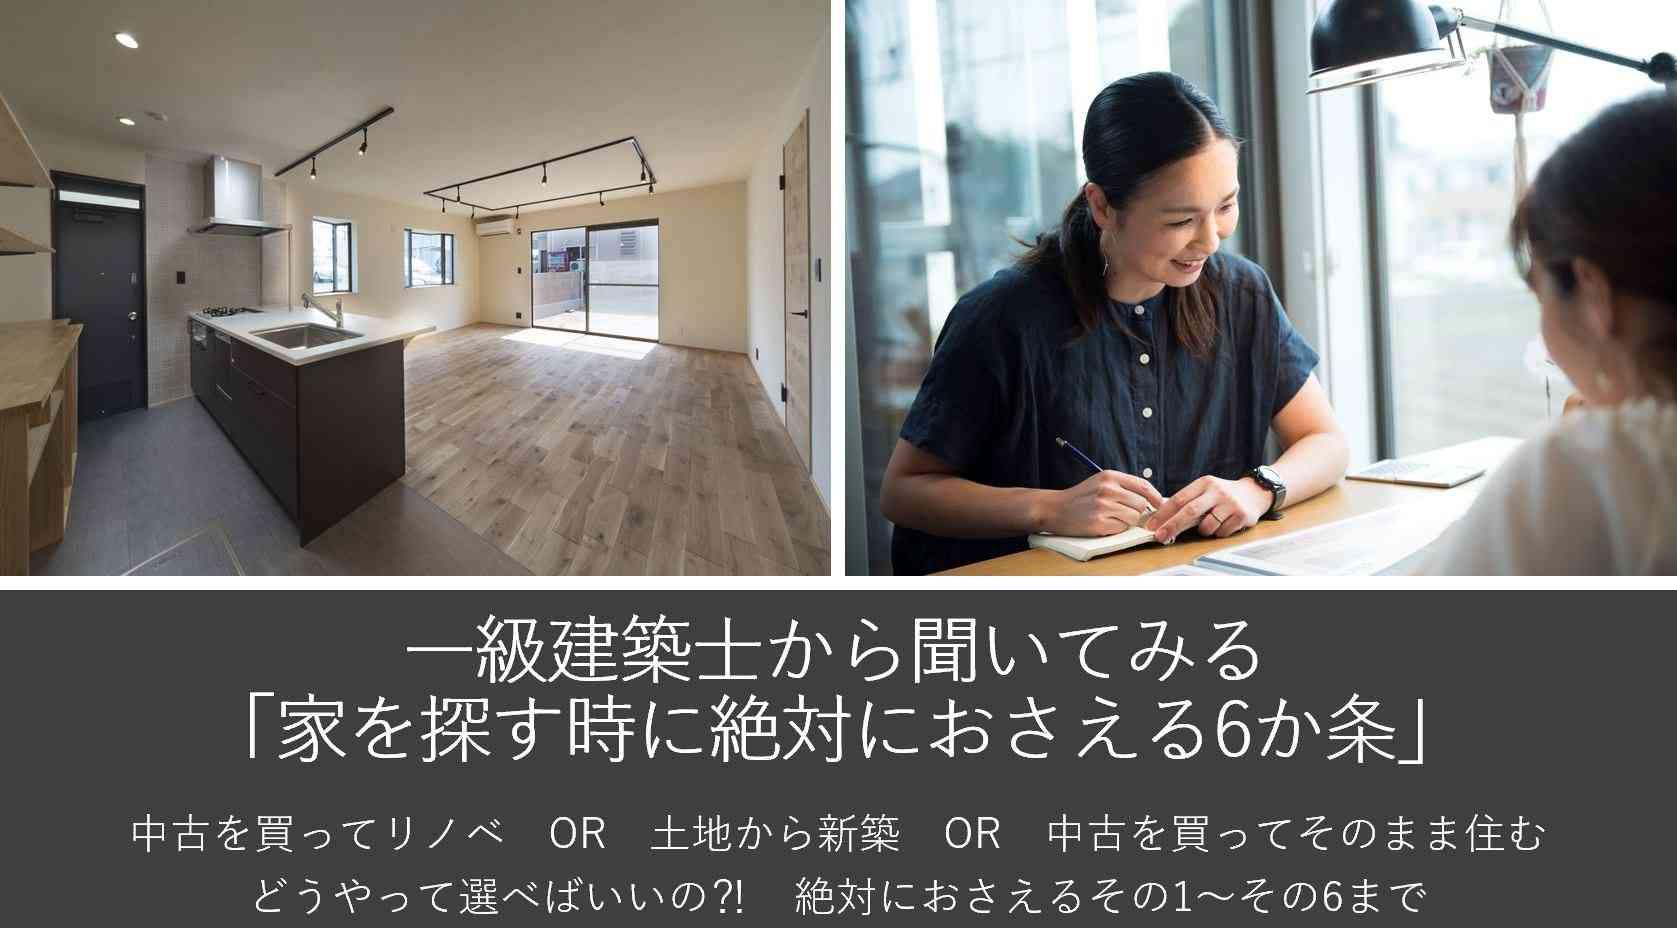 一級建築士から聞いてみる「家を探す時に絶対におさえる6か条」